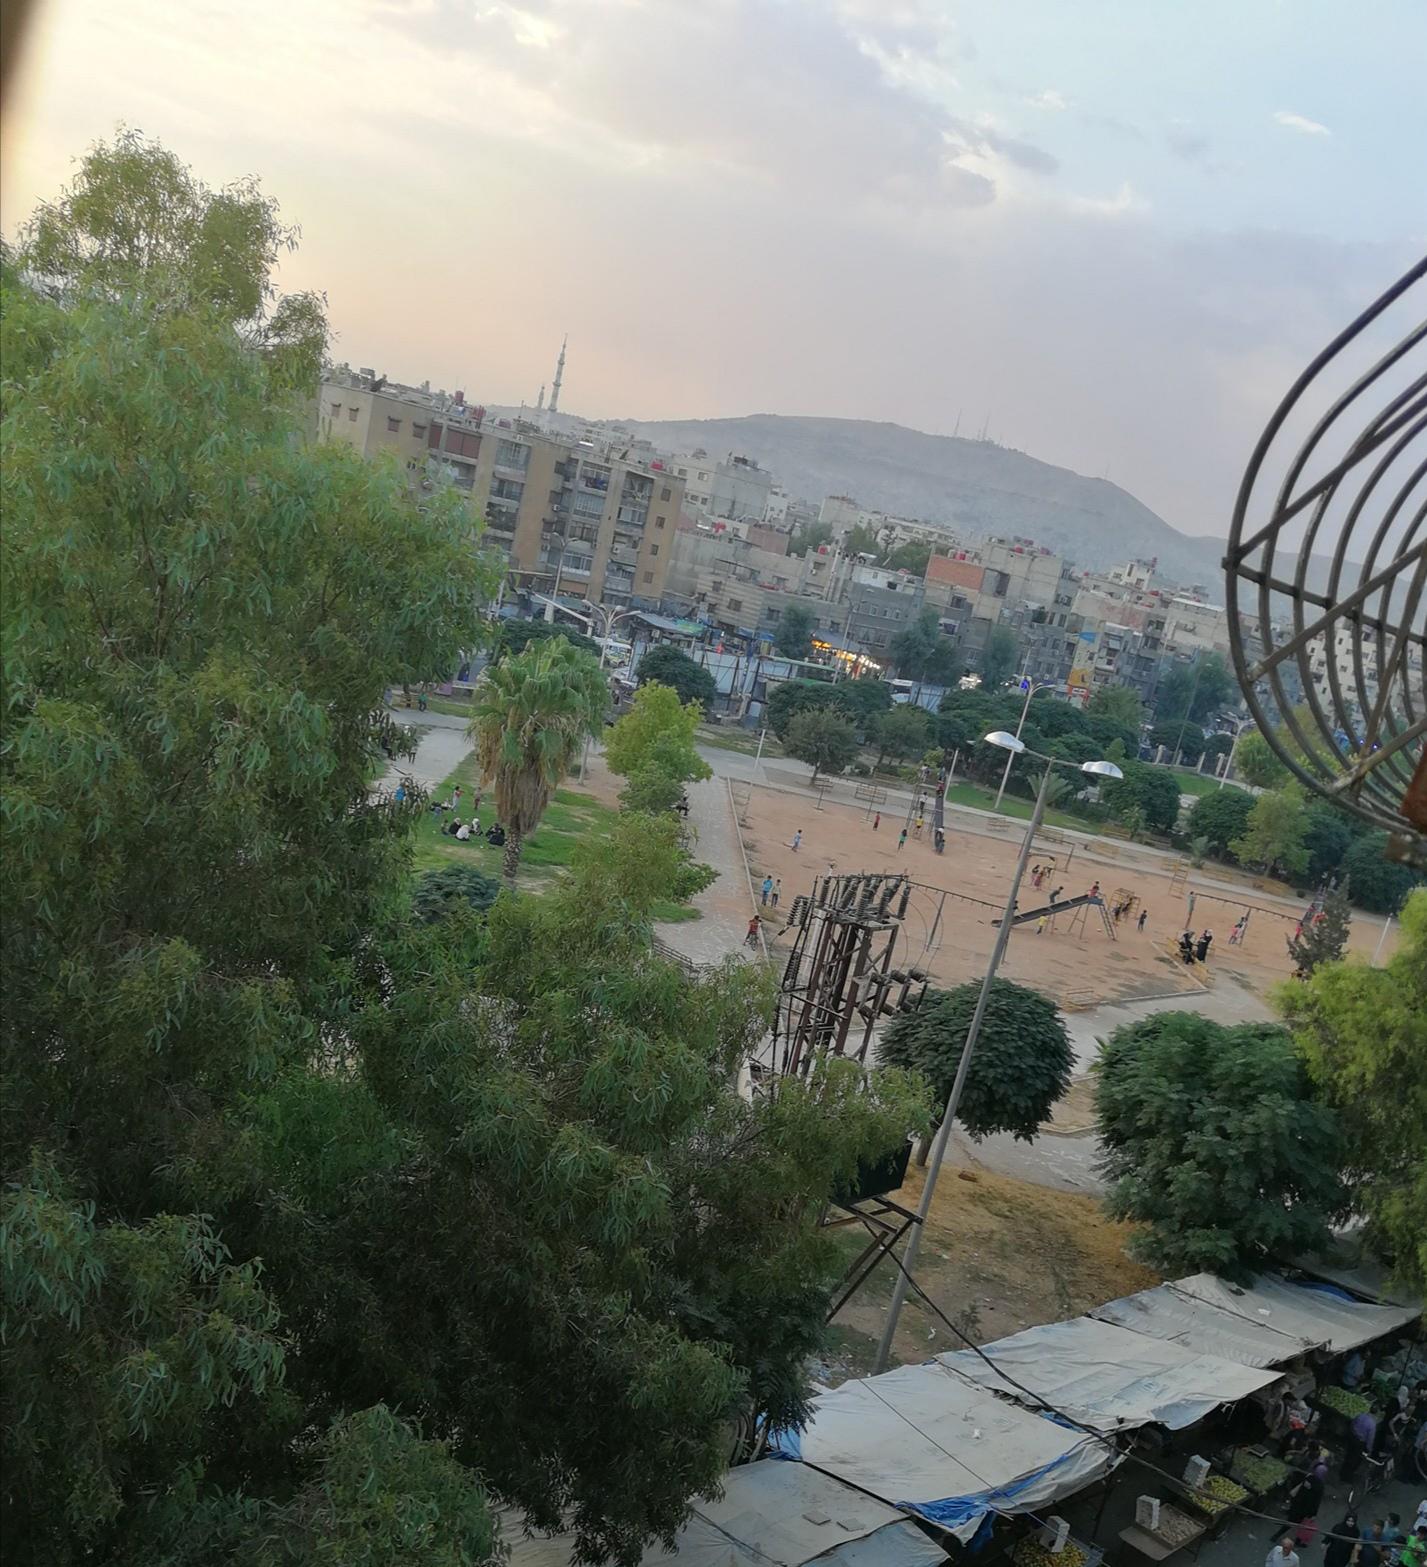 شقة للبيع دمشق الزاهرة الجديدة بداية حي الزهور إطلالة على الحديقة مباشرةً